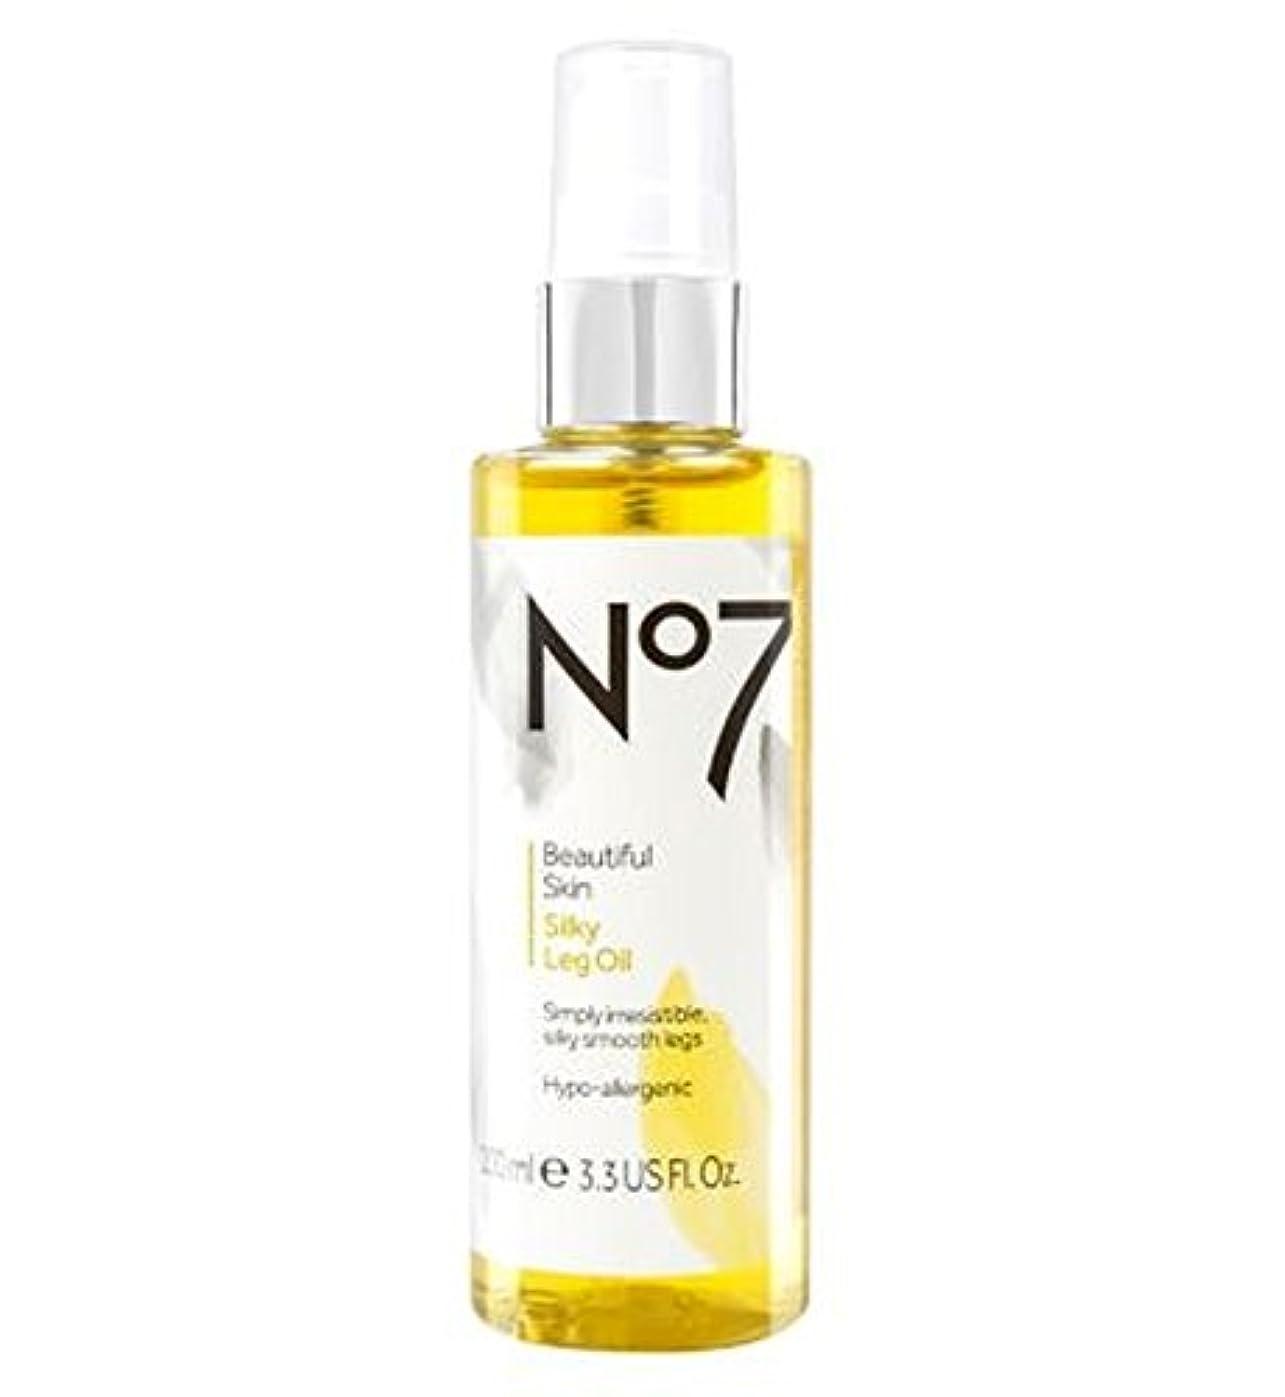 放映歯車クロールNo7美しい肌絹のような脚油 (No7) (x2) - No7 Beautiful Skin Silky Leg Oil (Pack of 2) [並行輸入品]